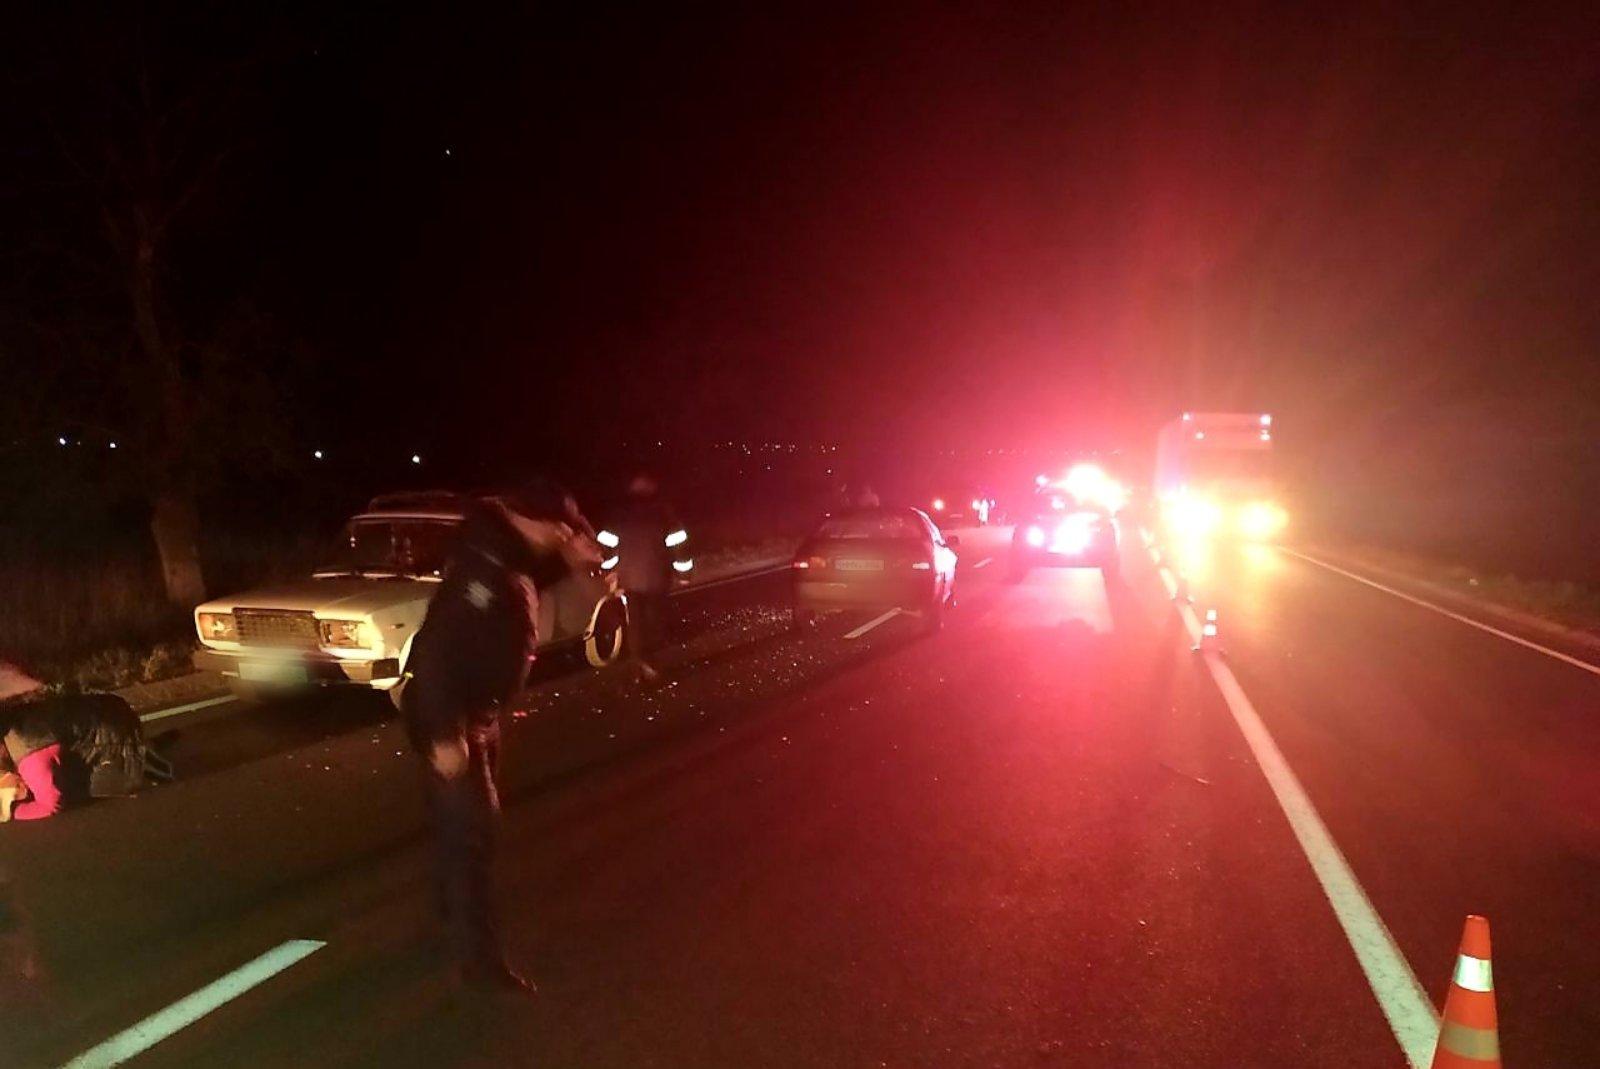 ВоФлорештском районе пешехода дважды сбили разные автомобили (ФОТО)